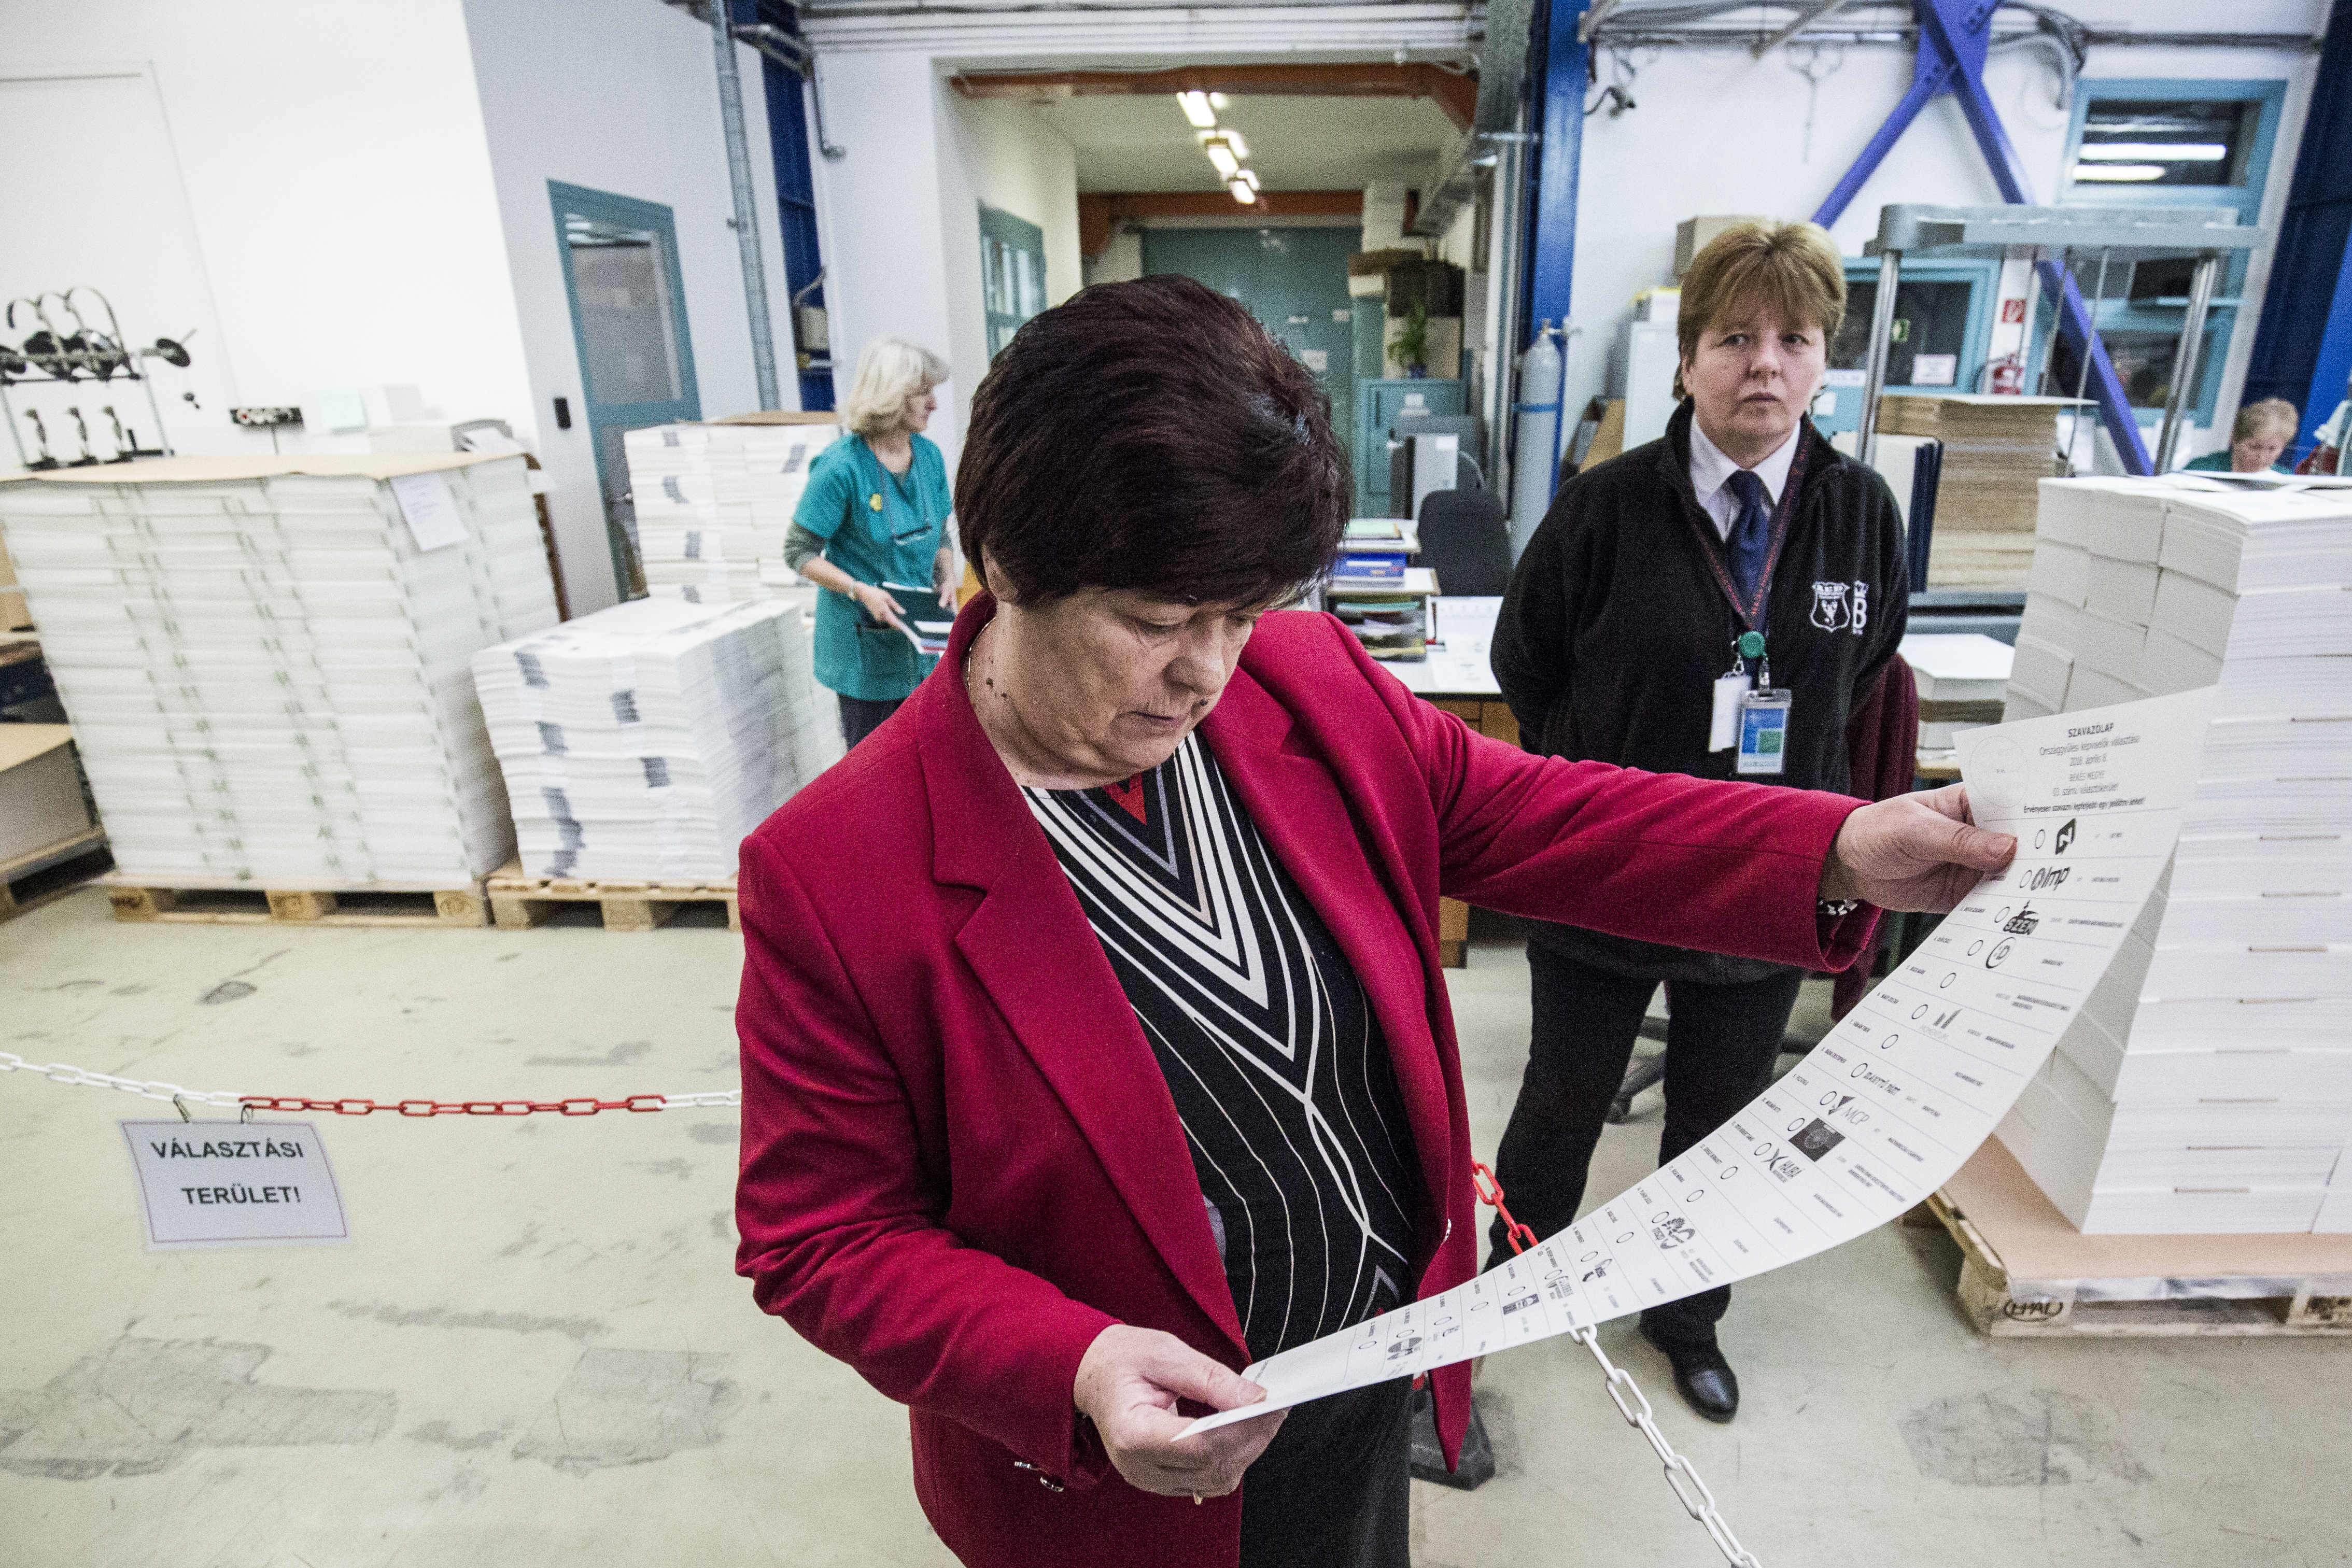 Perceken belül megkaphatják a pártok a szavazóköri jegyzőkönyveket